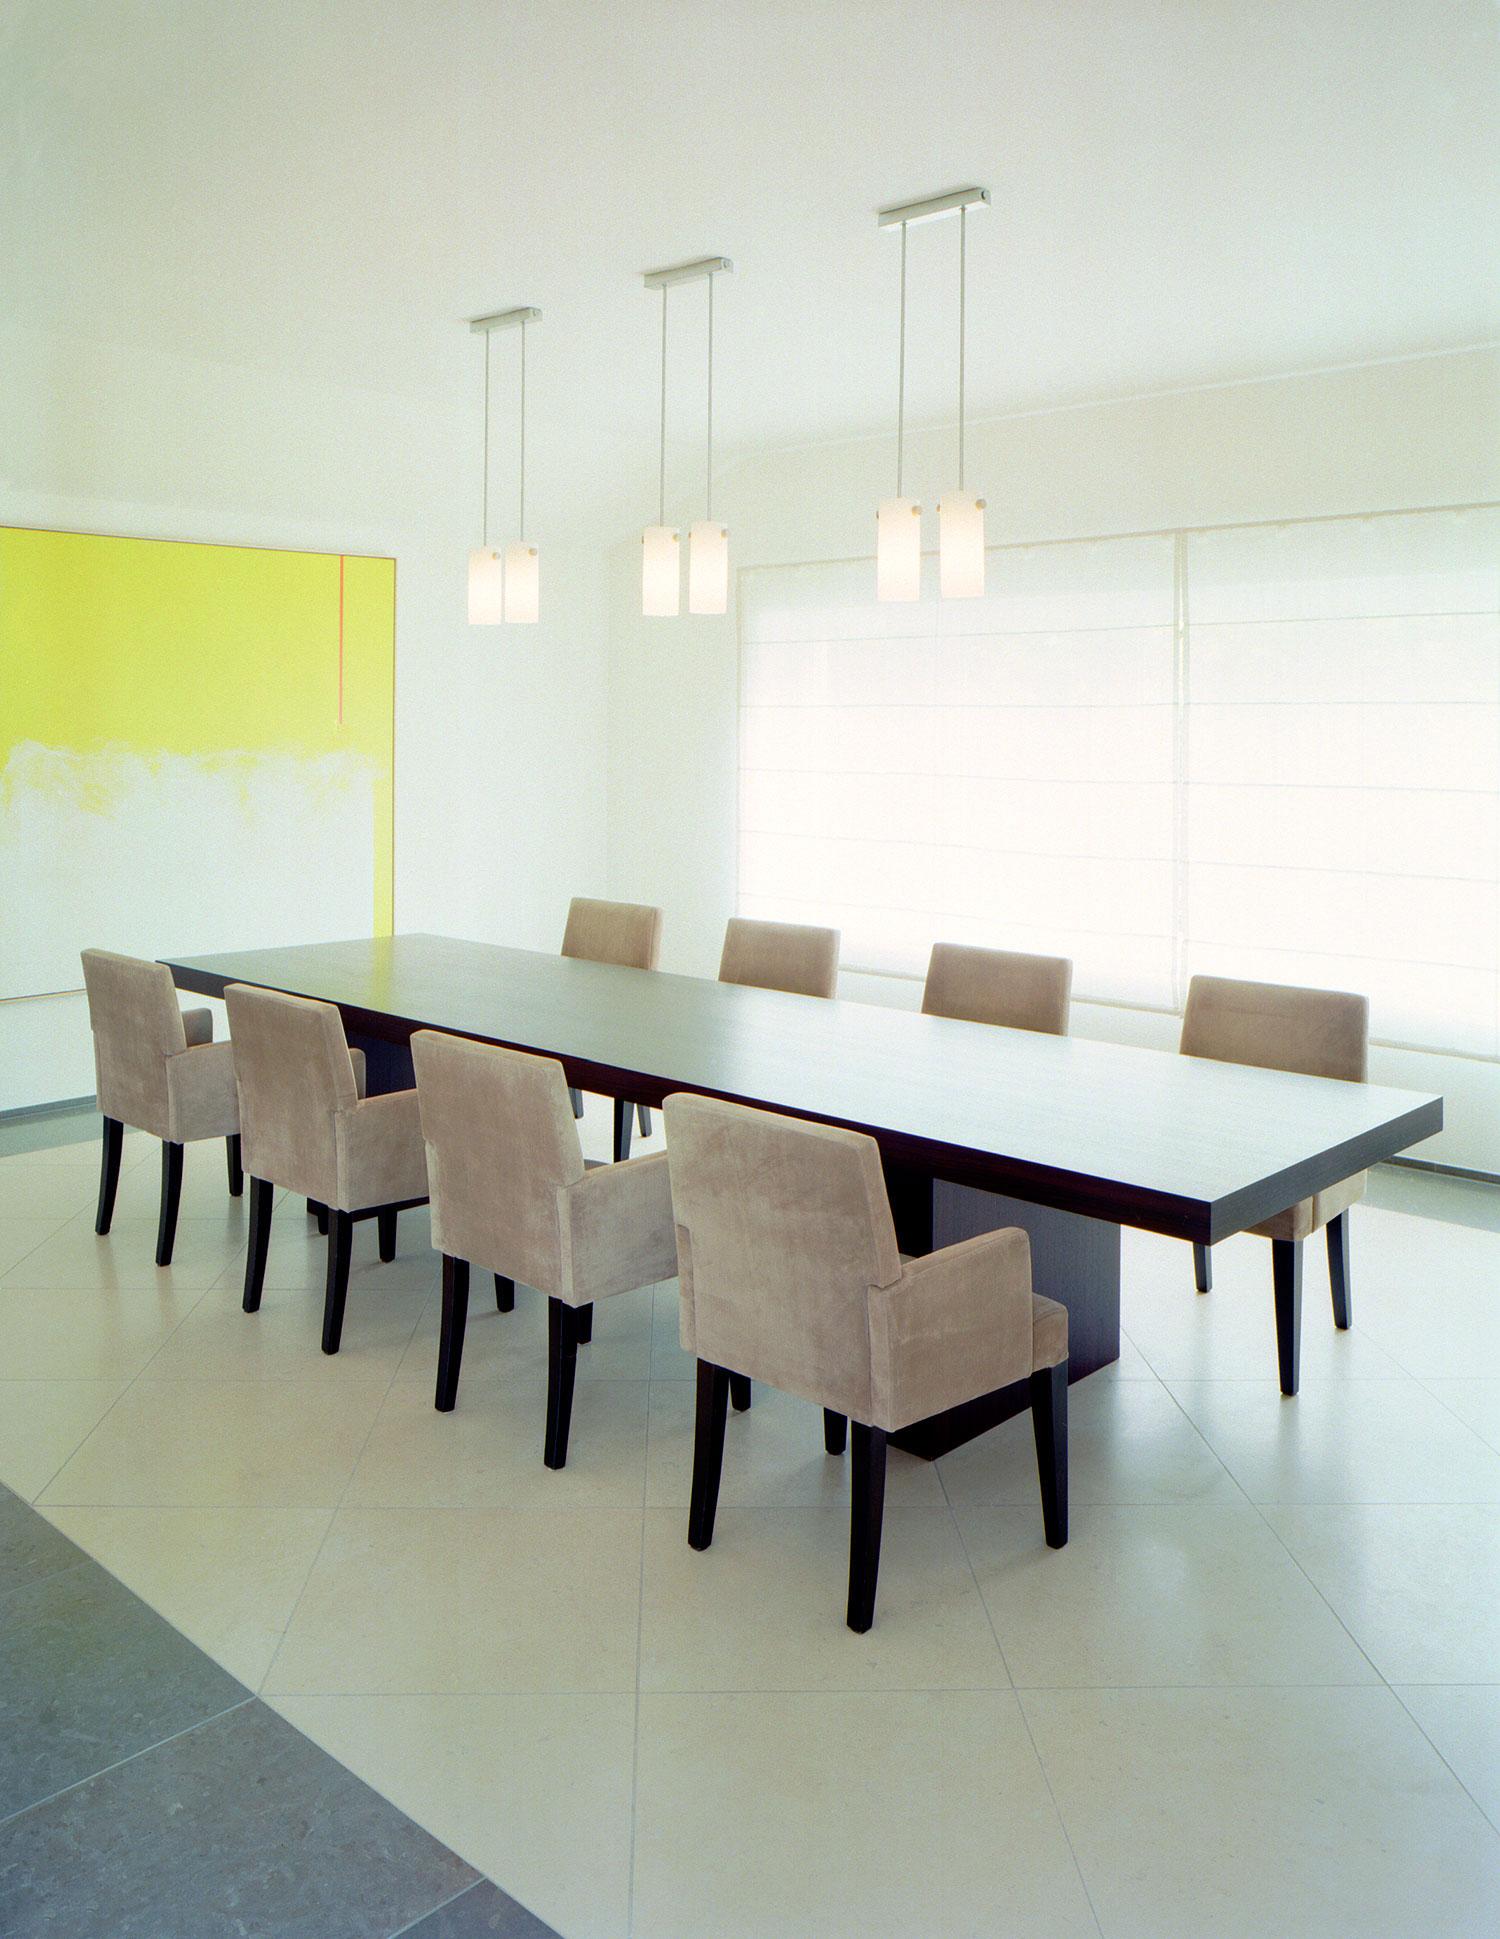 001-iria-degen-interiors-house-zurich2.jpg